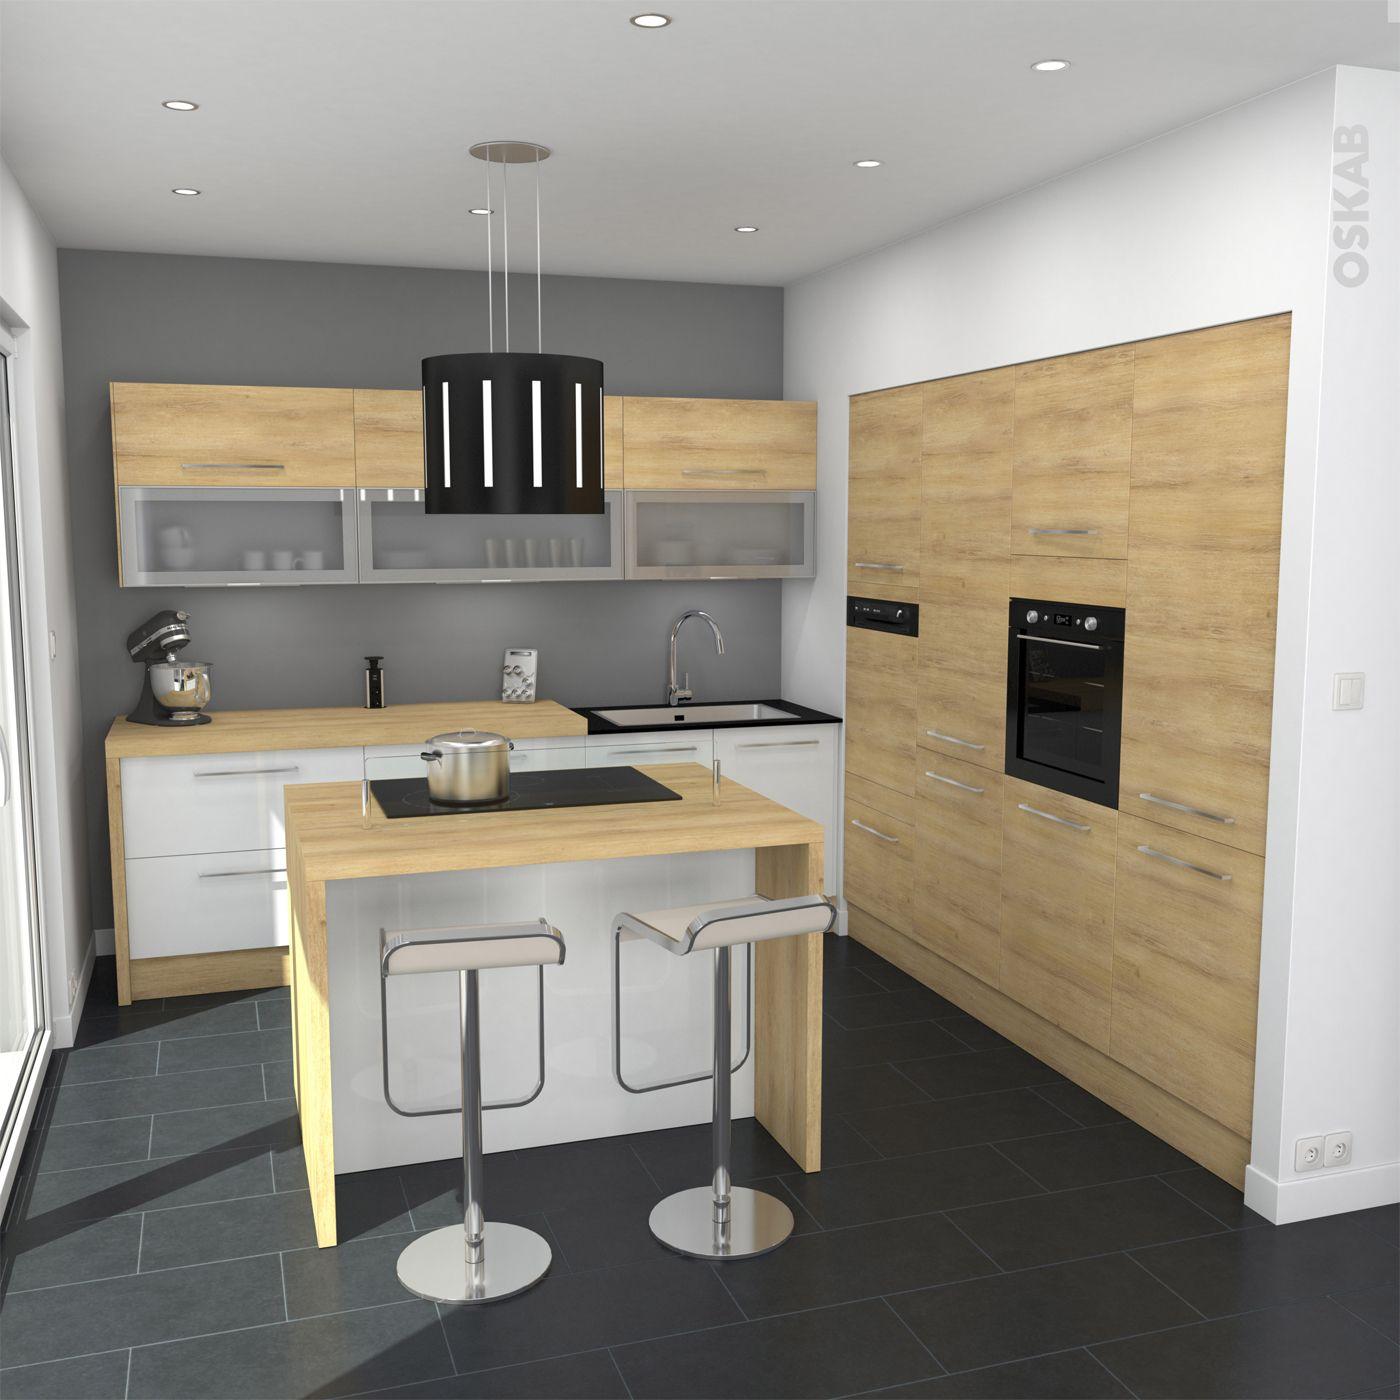 cuisine blanche et bois design et chaleureuse implantation en l avec lot central snack - Modele De Cuisine Blanche